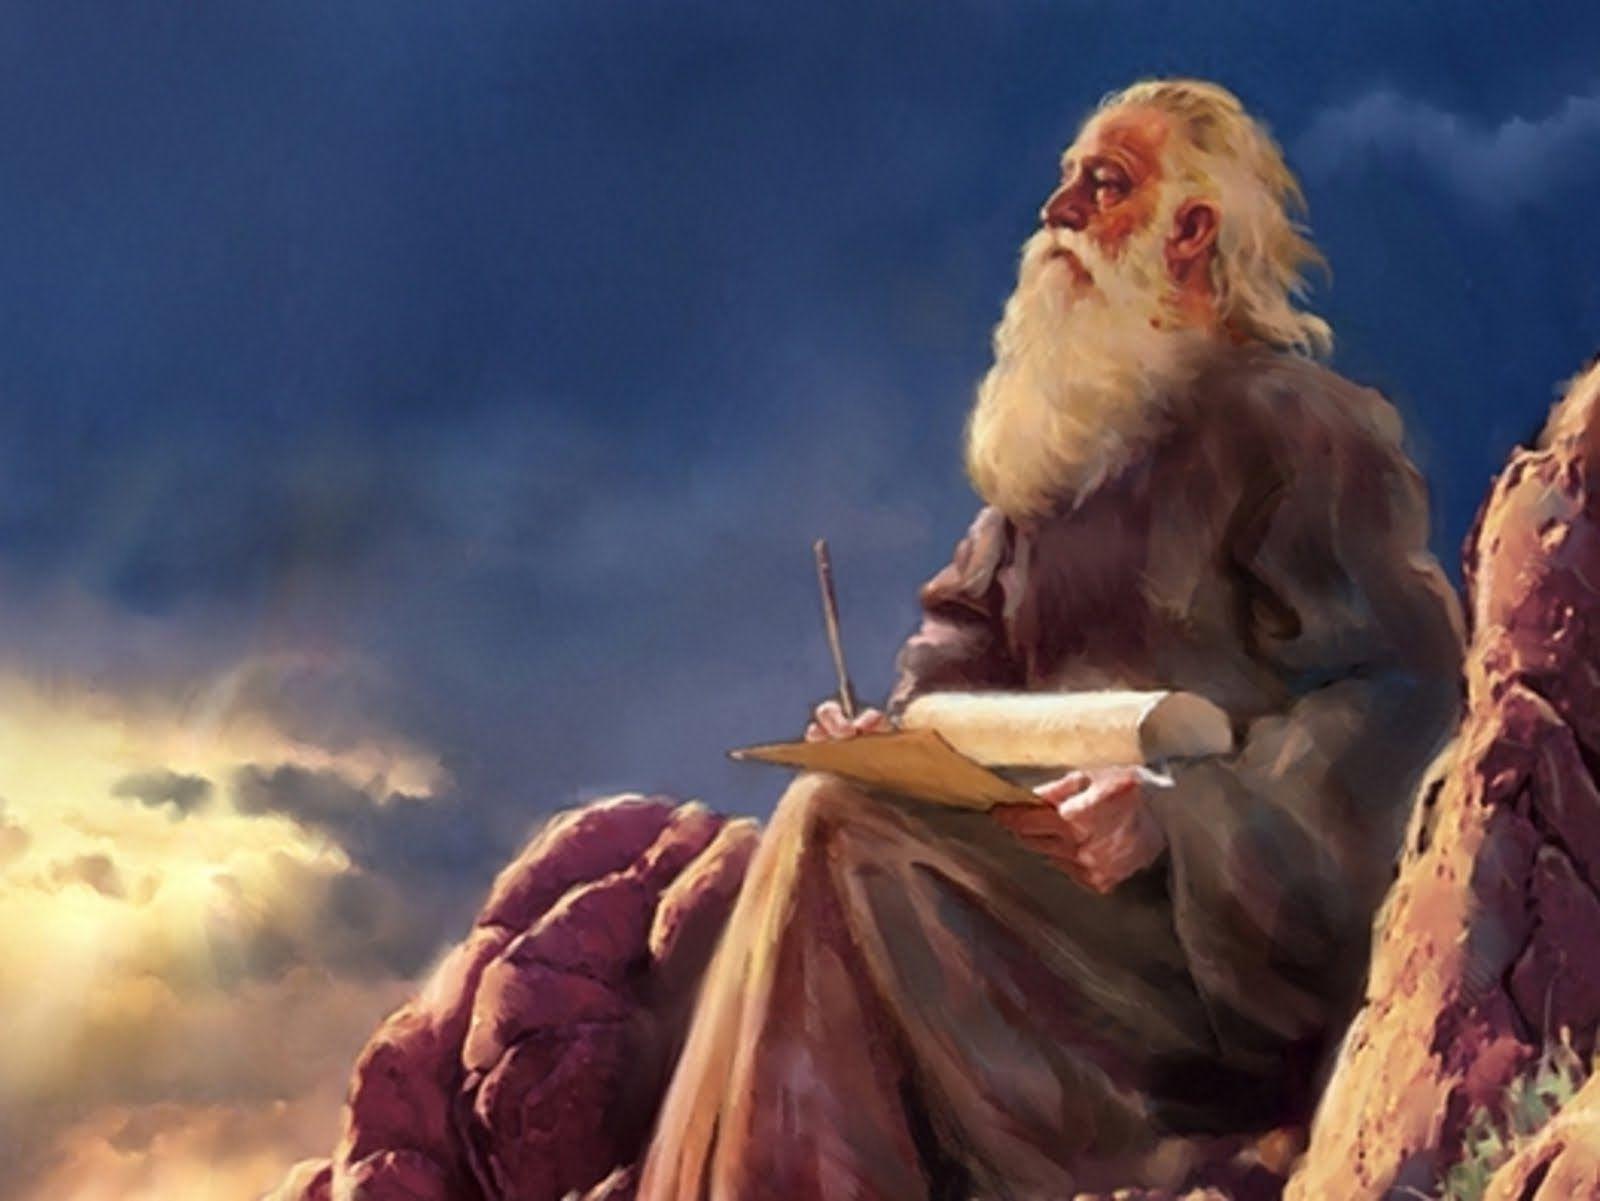 La Misión del Profeta Isaías y San Juan Bautista  para hacer posible la Venida de Jesús